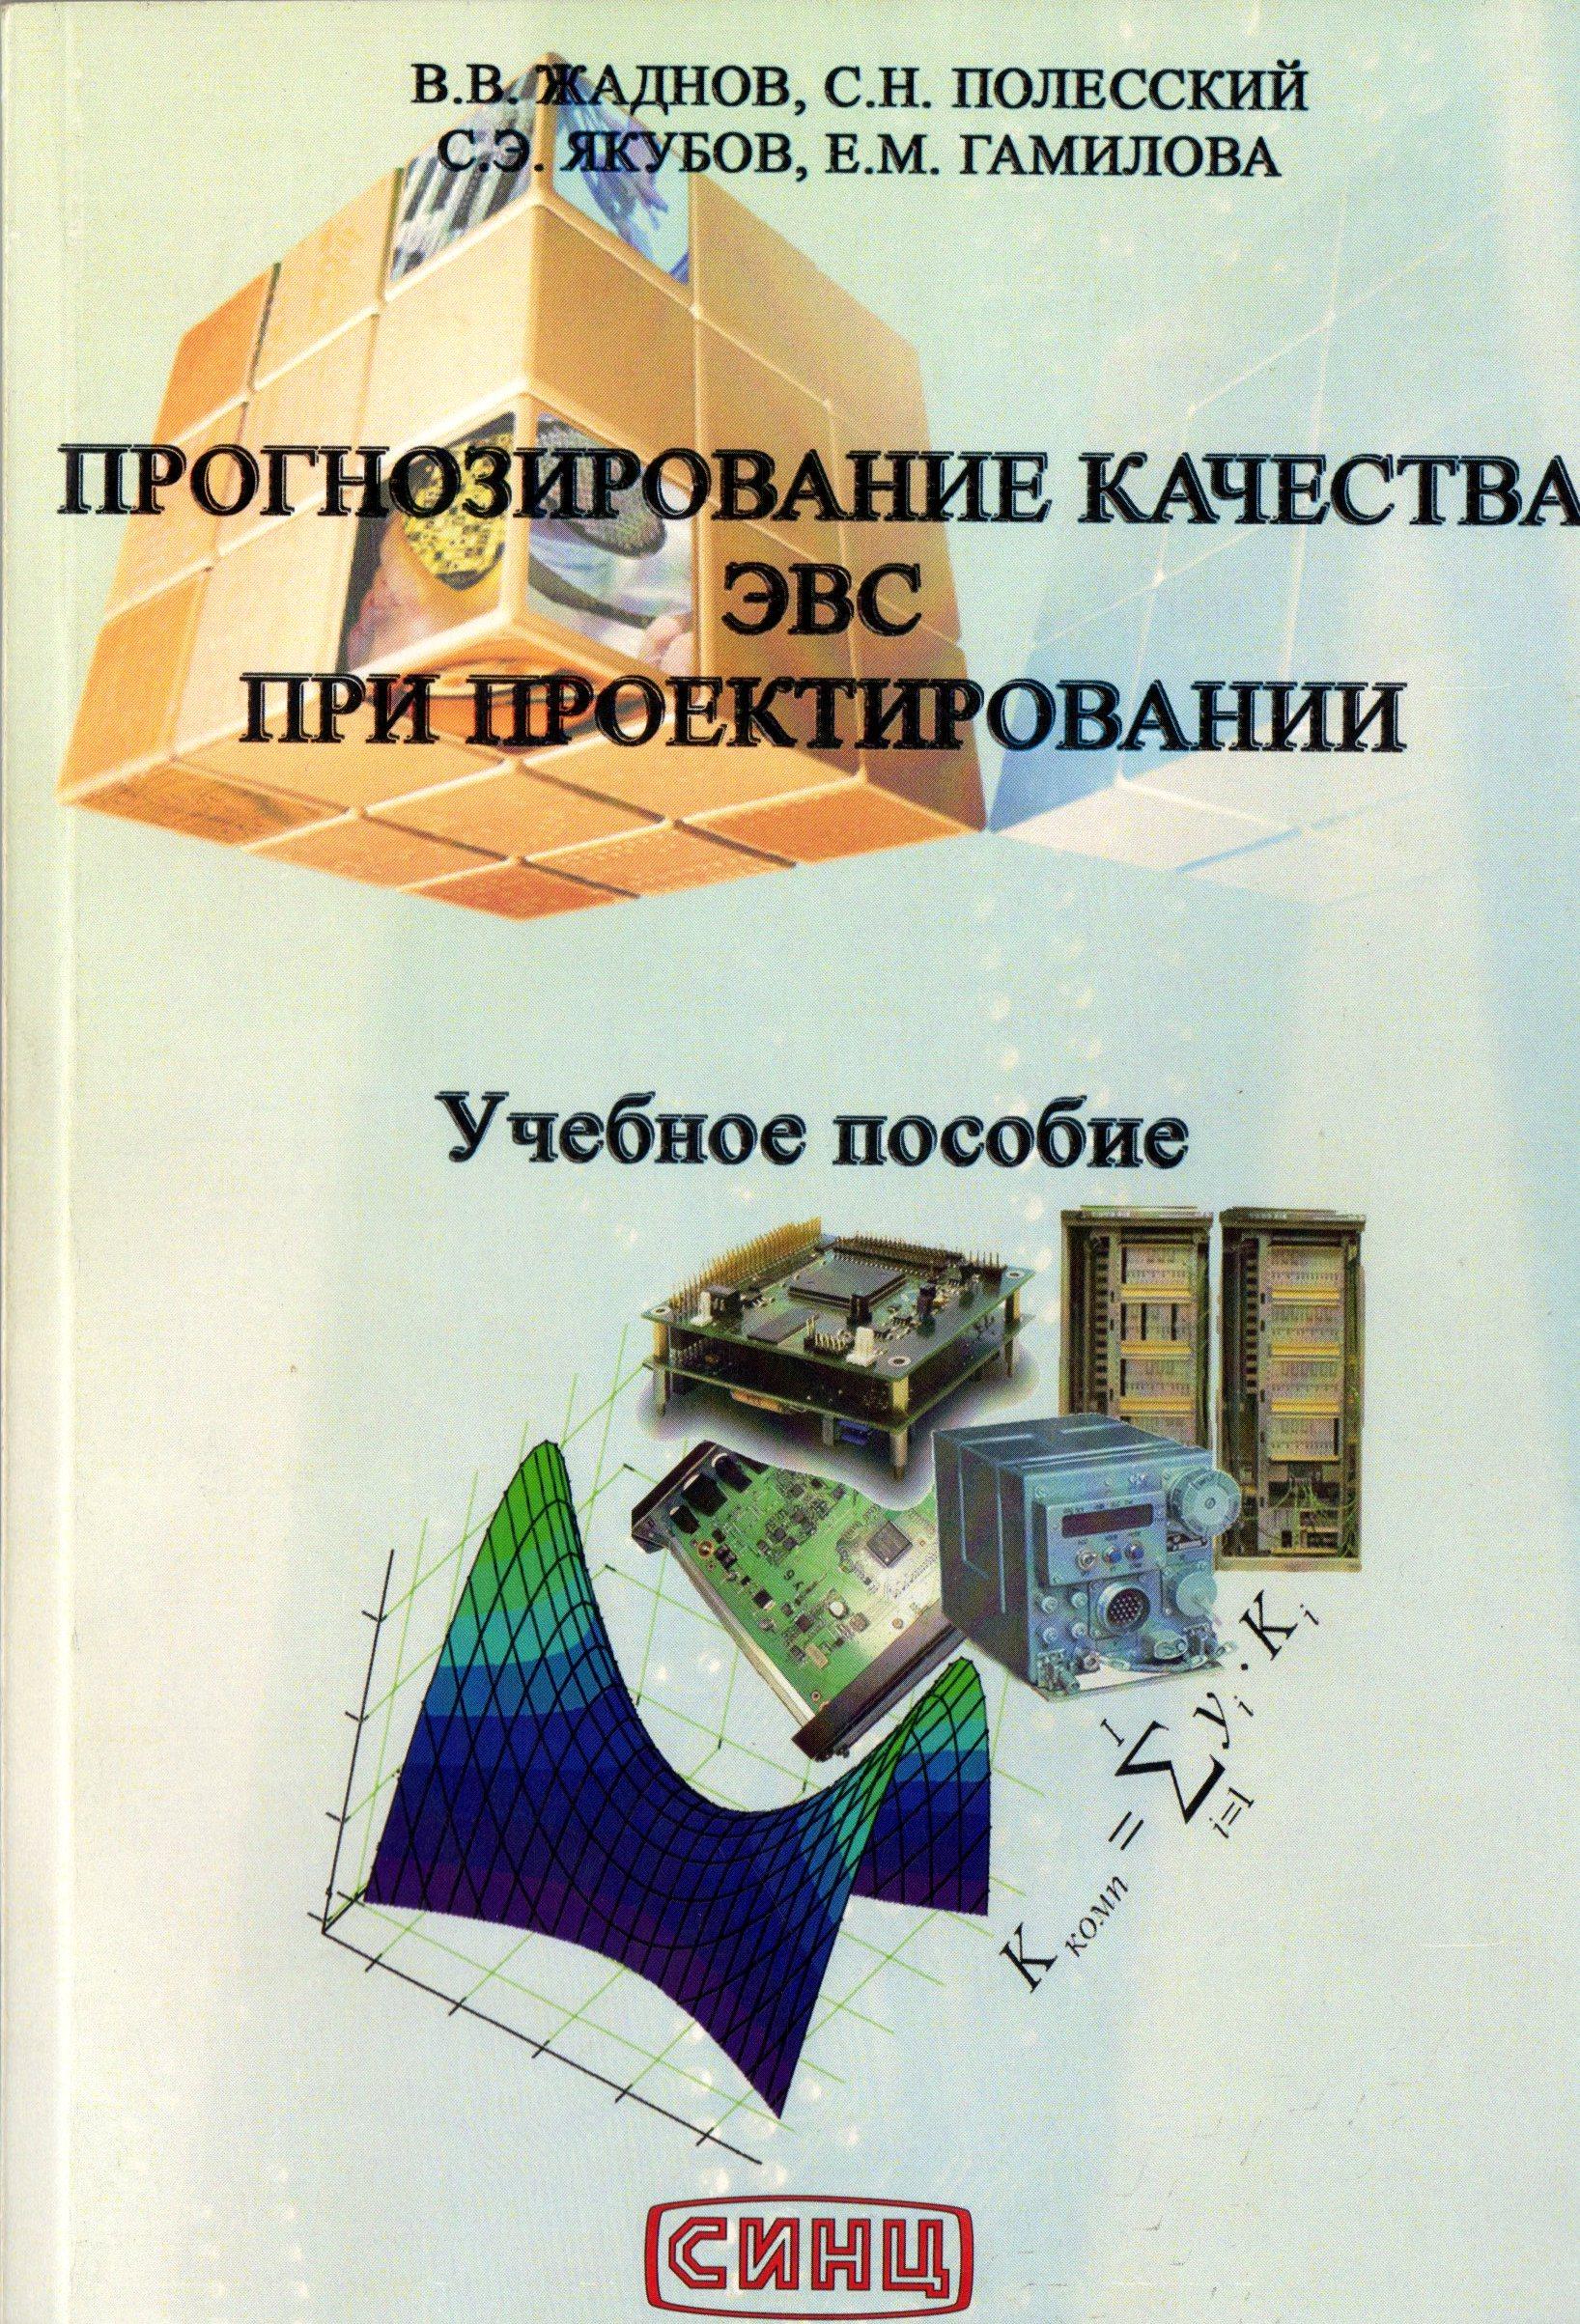 Прогнозирование качества ЭВС при проектировании: Учебное пособие